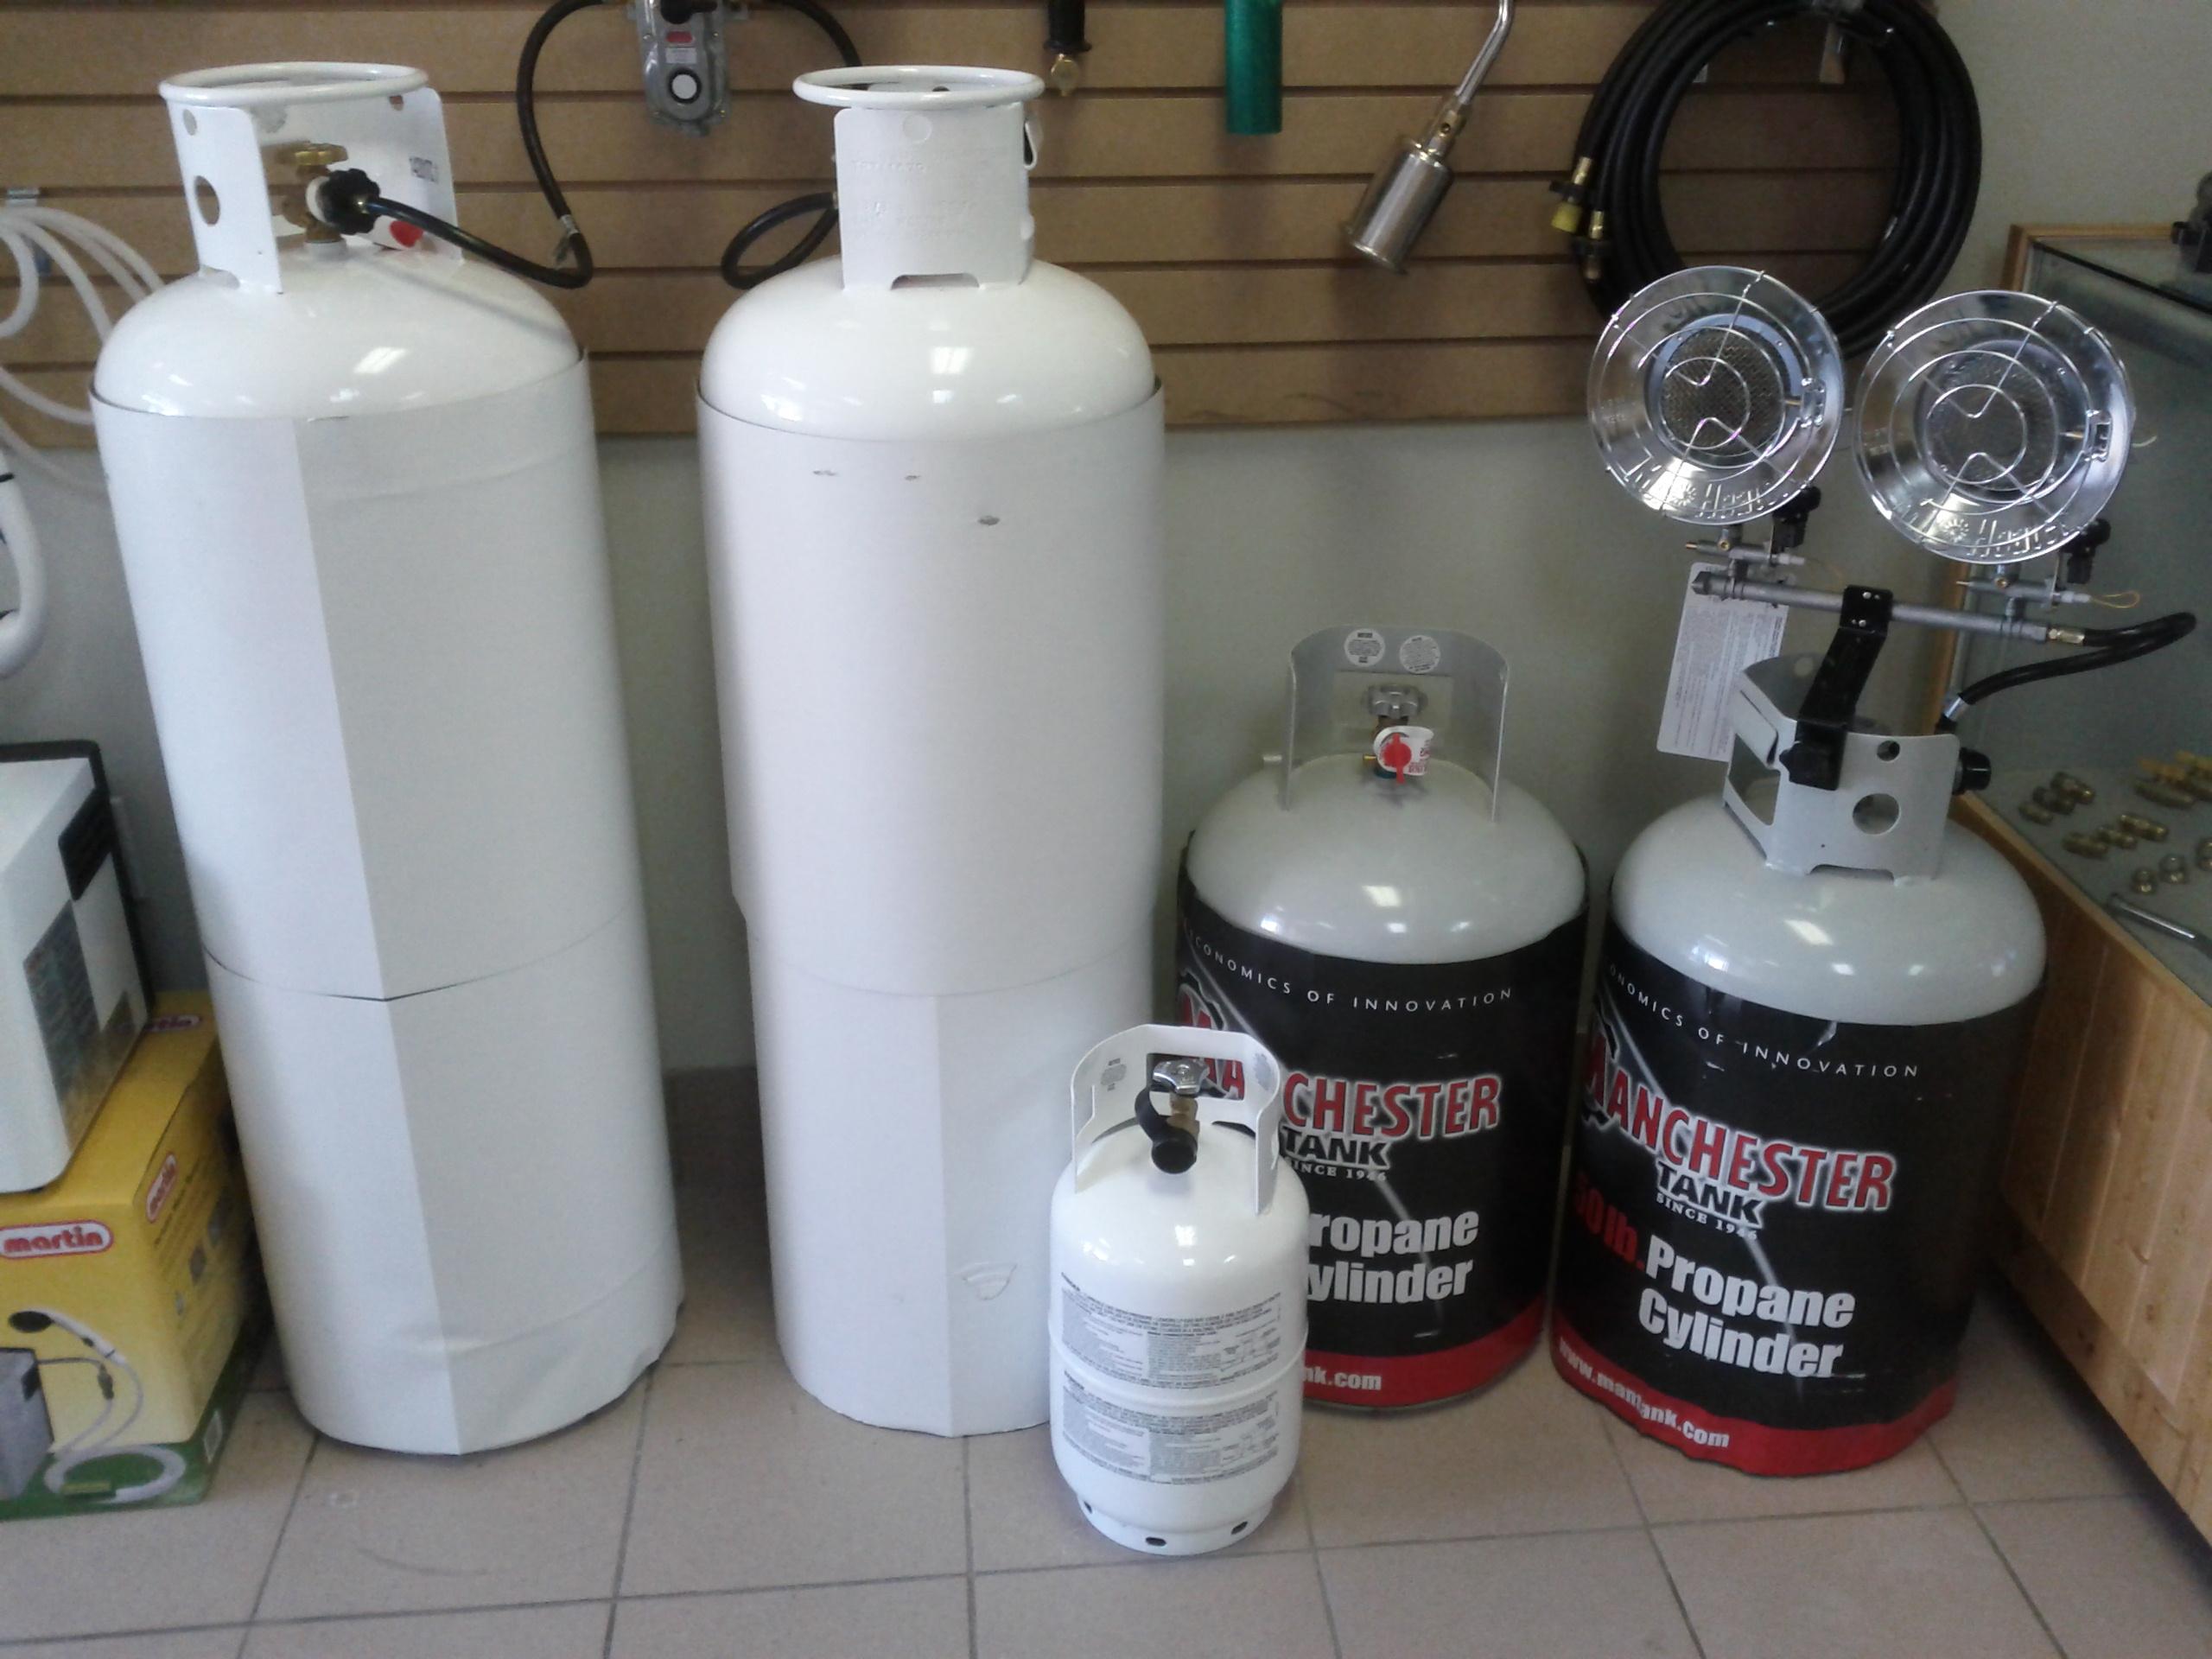 100 gallon réservoir de propane de raccordement site unique en ligne de rencontre gratuit